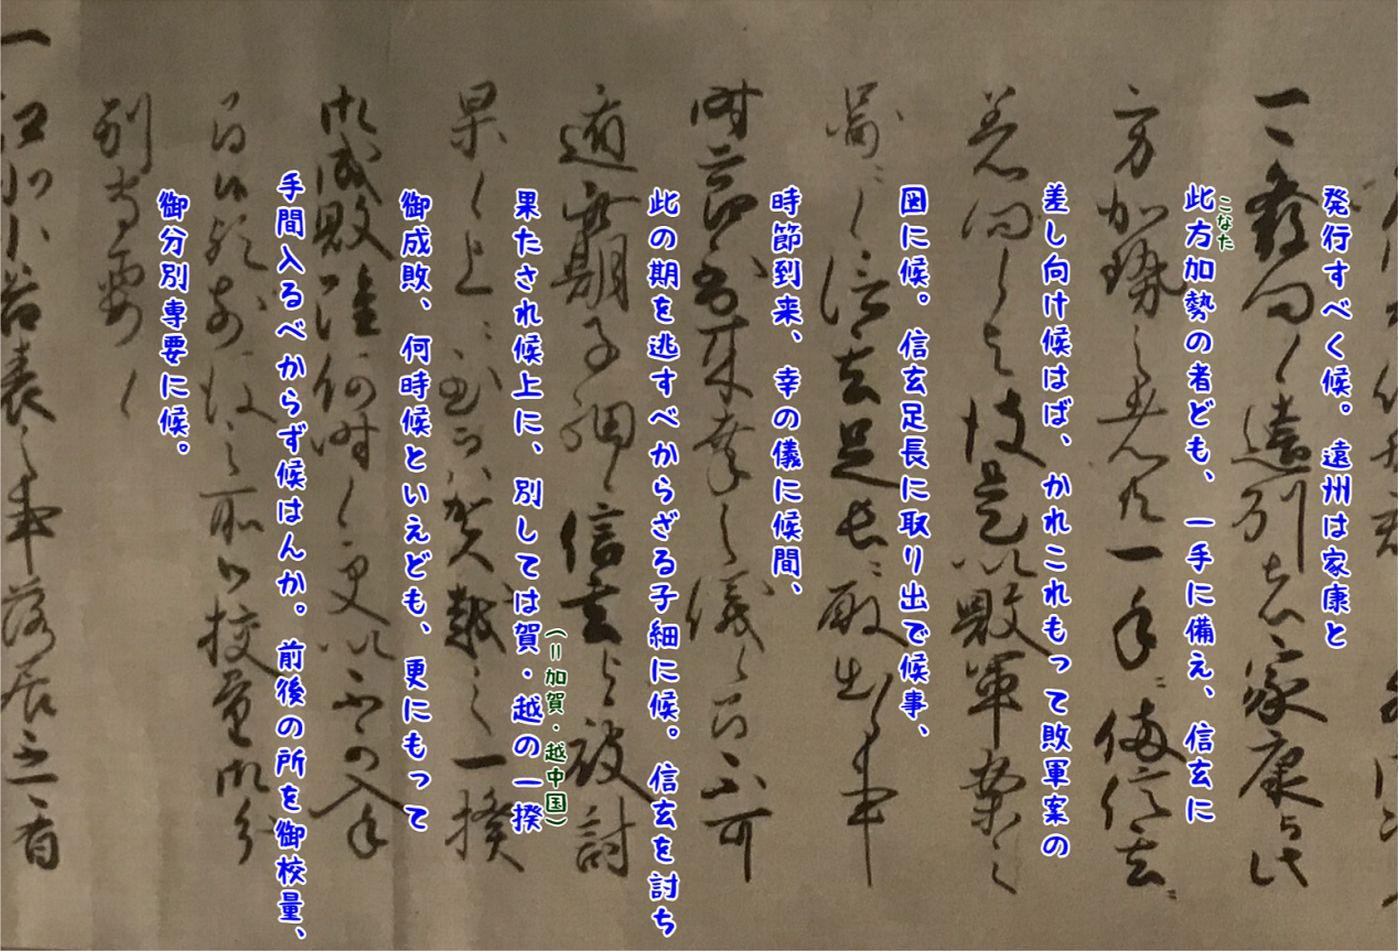 (元亀三年)十一月二十日付織田信長書状写e+書き下し文